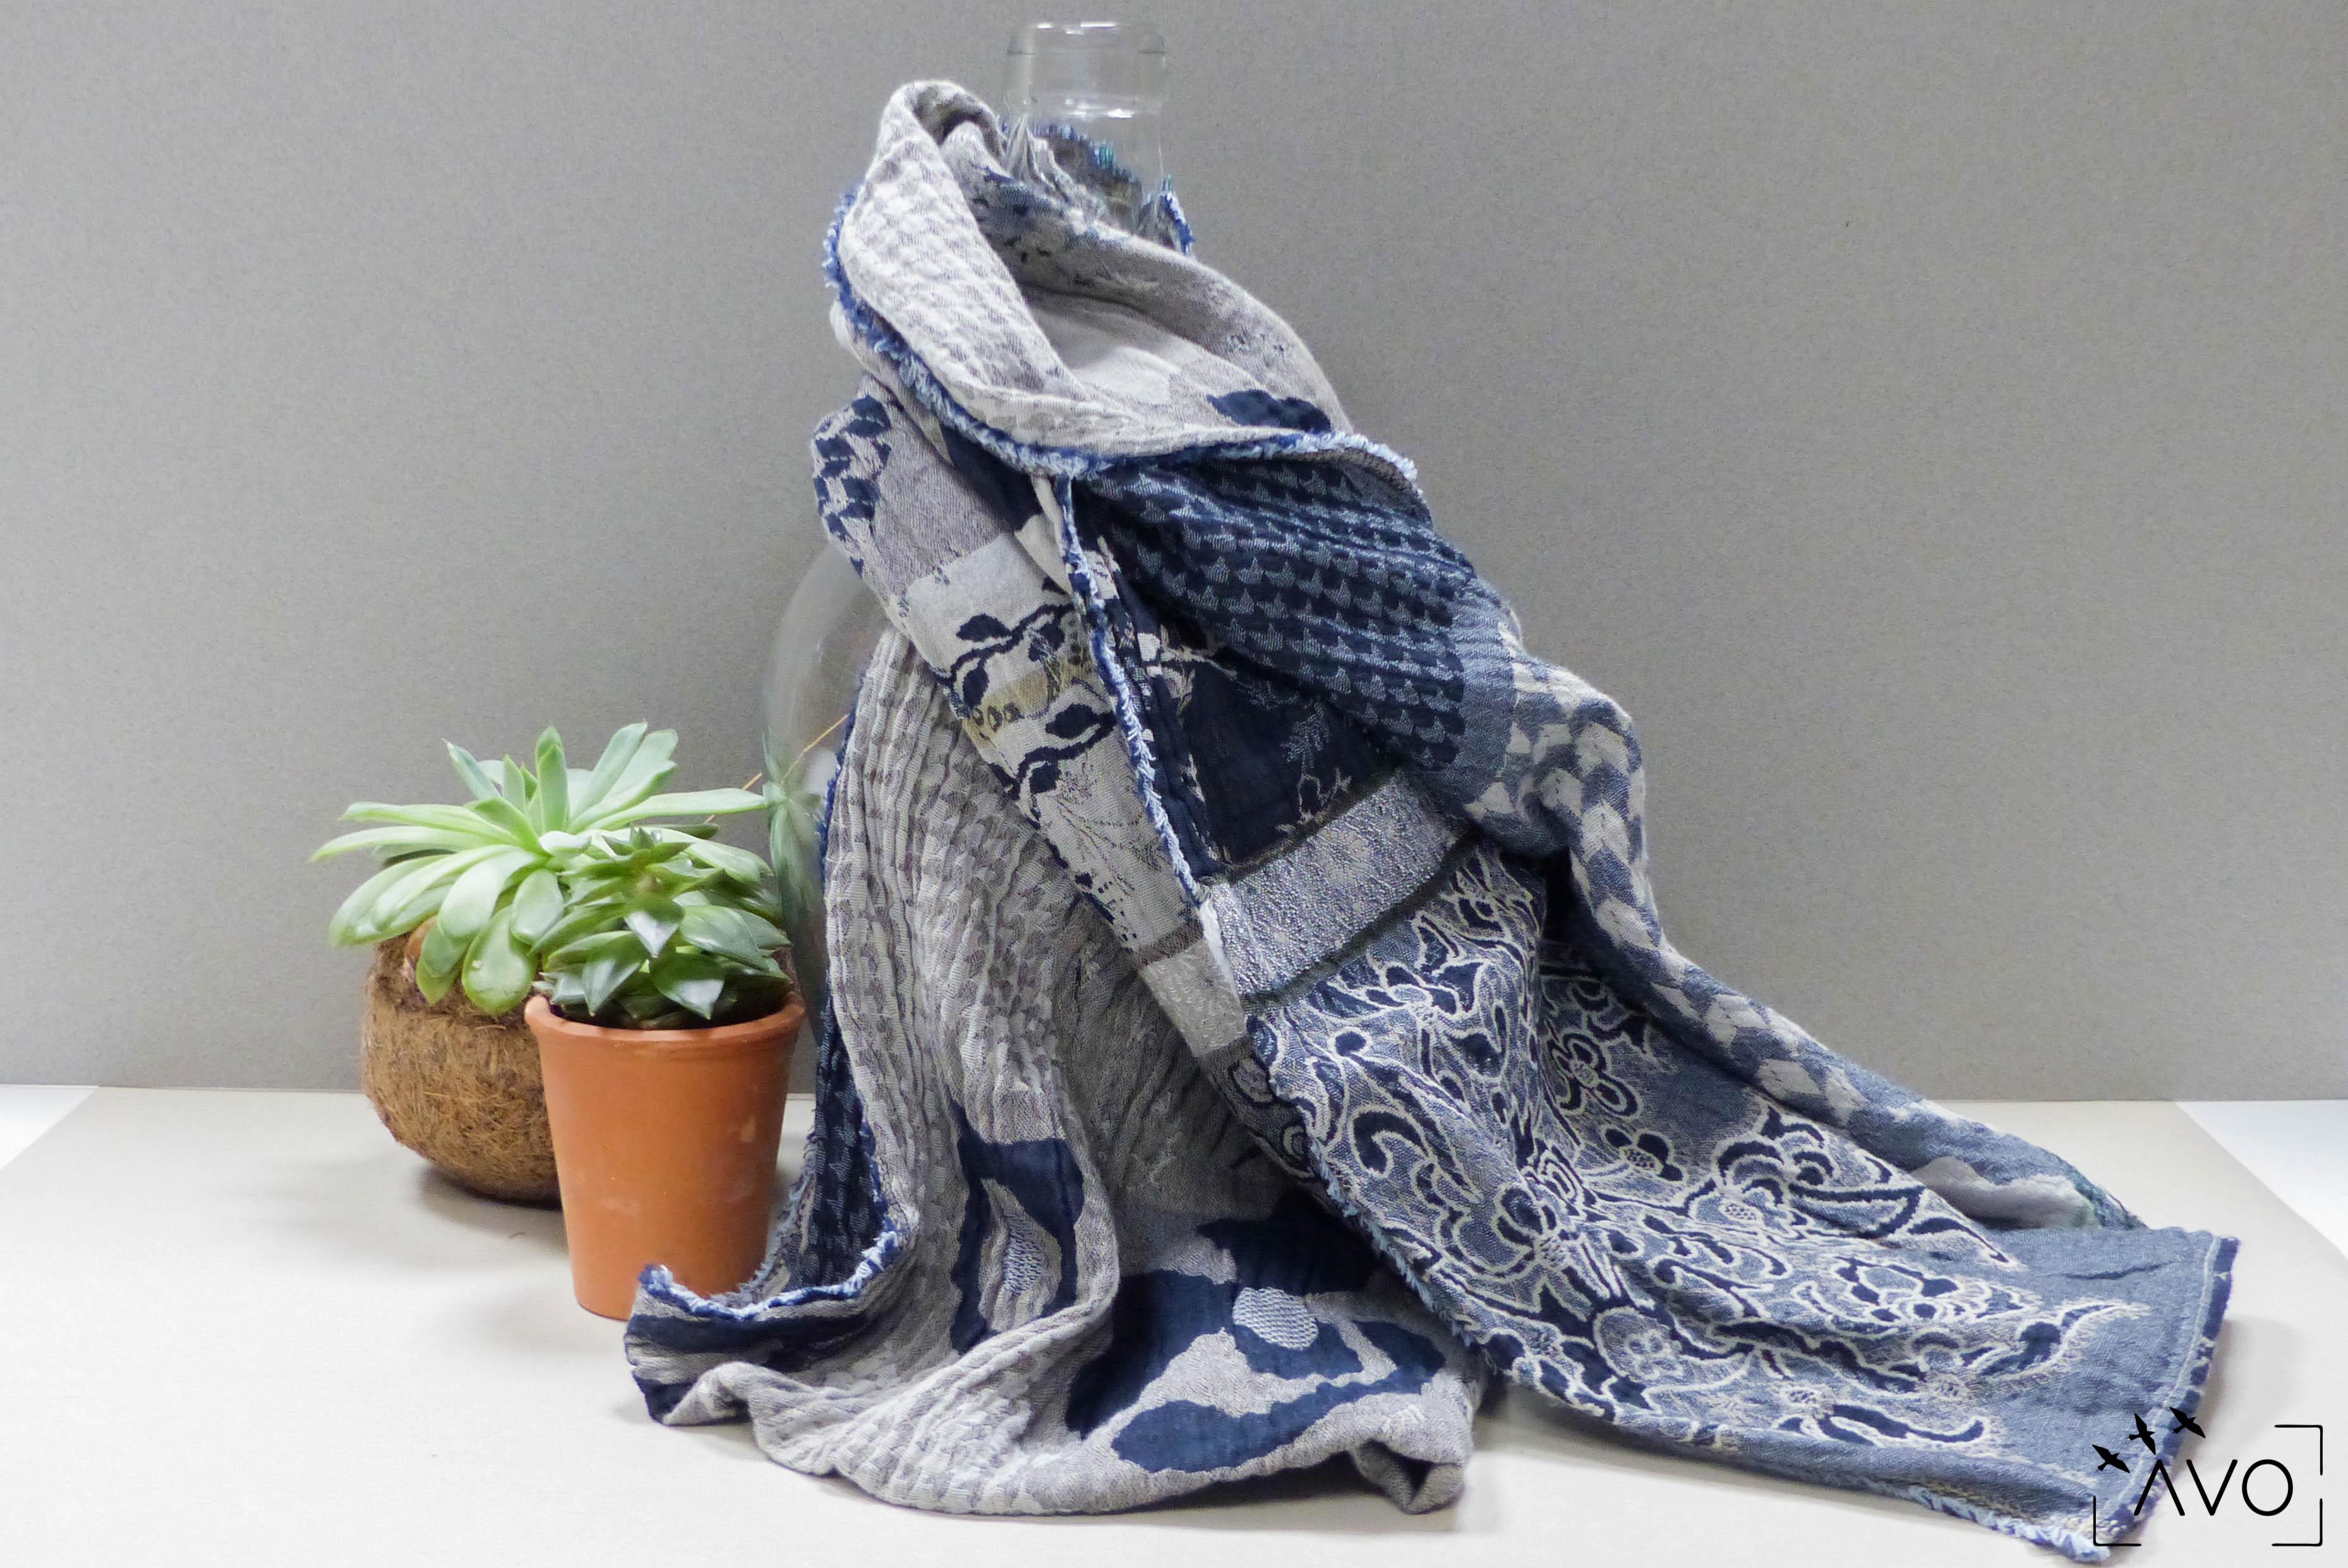 étole Létol foulard madeinfrance charlieu loire motif fleur géométrique